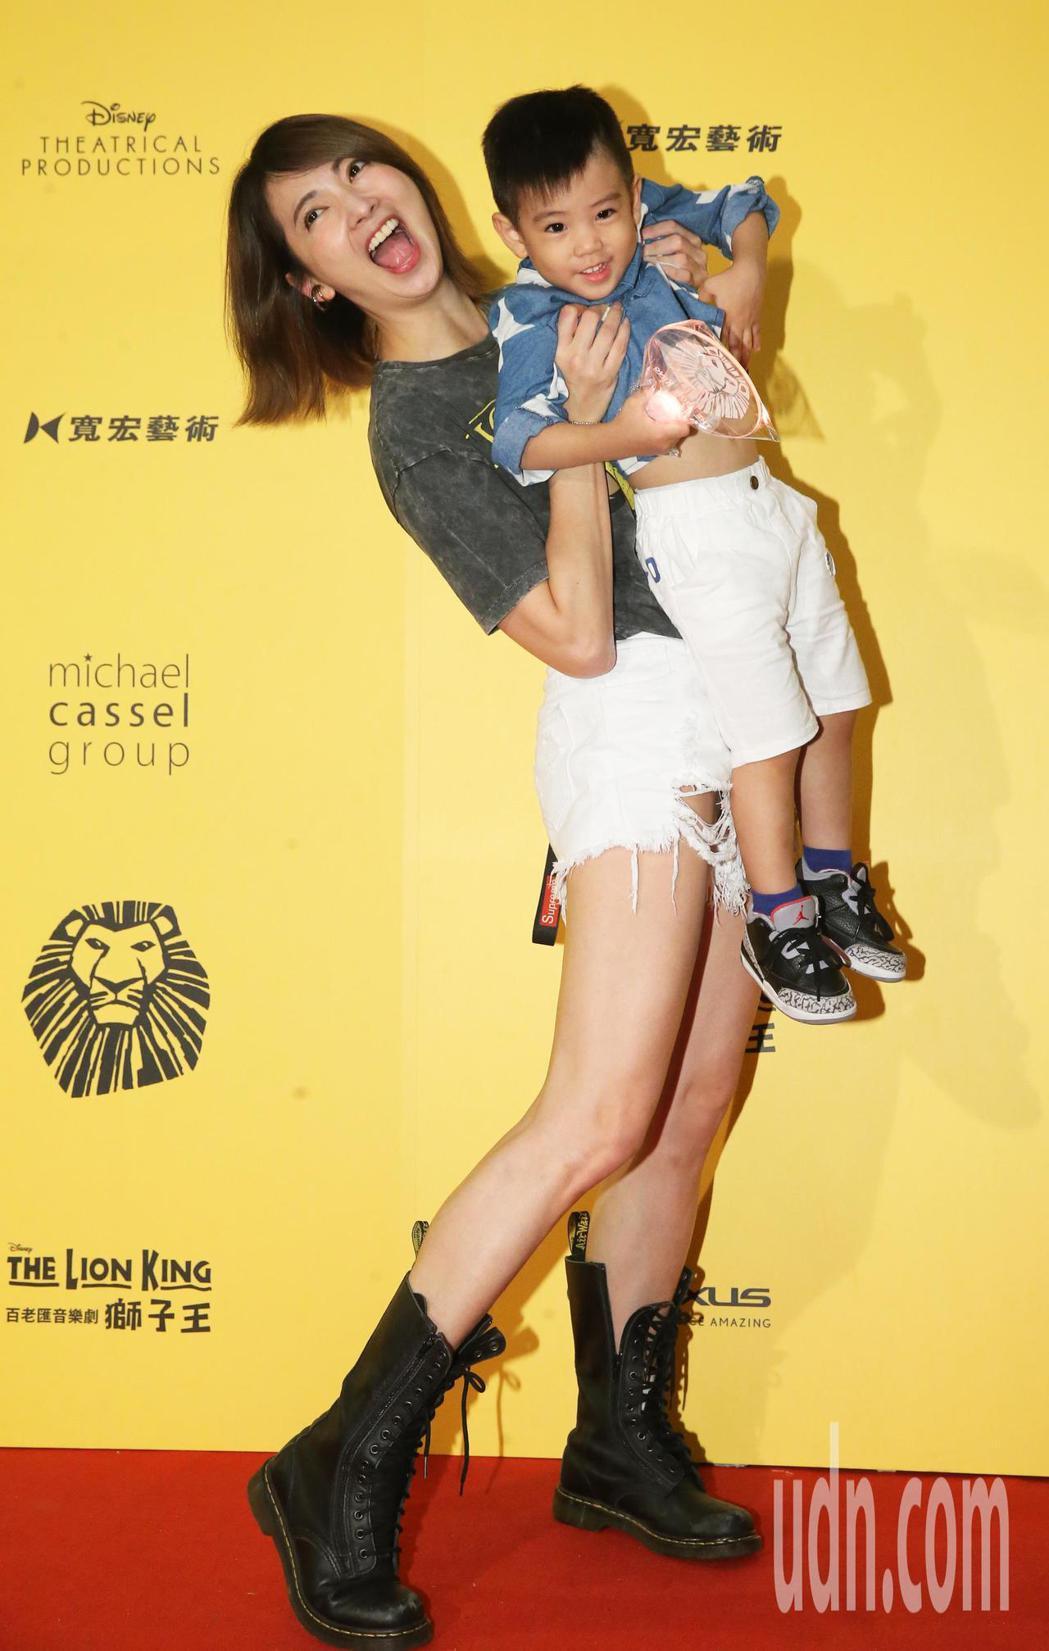 阿喜今晚帶著侄子觀賞音樂劇 《獅子王》。記者徐兆玄/攝影